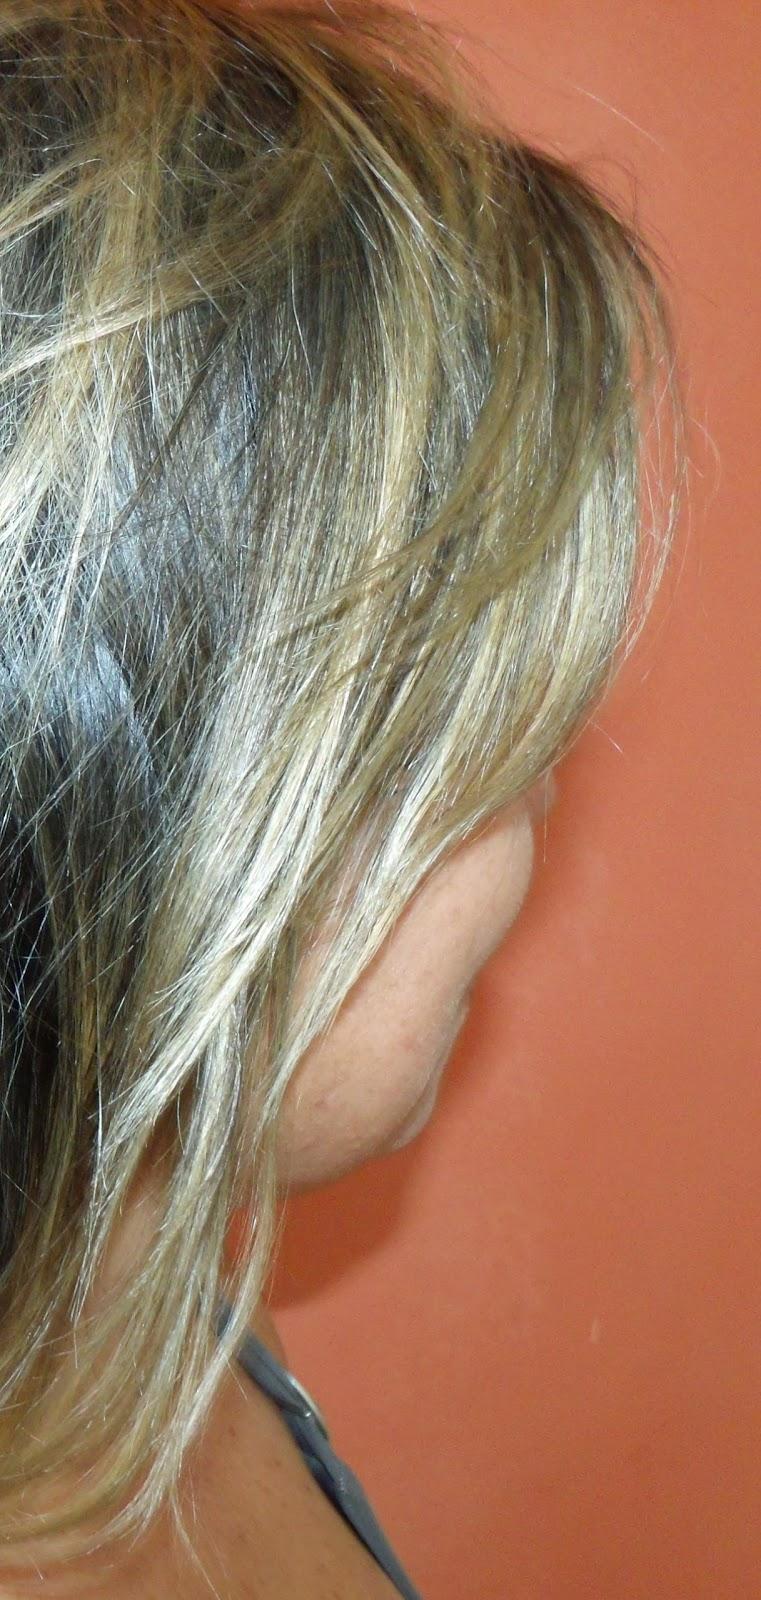 embelleze, blogueira sa, hidratação, massagem, cabelos lindos, tratamento capilar,